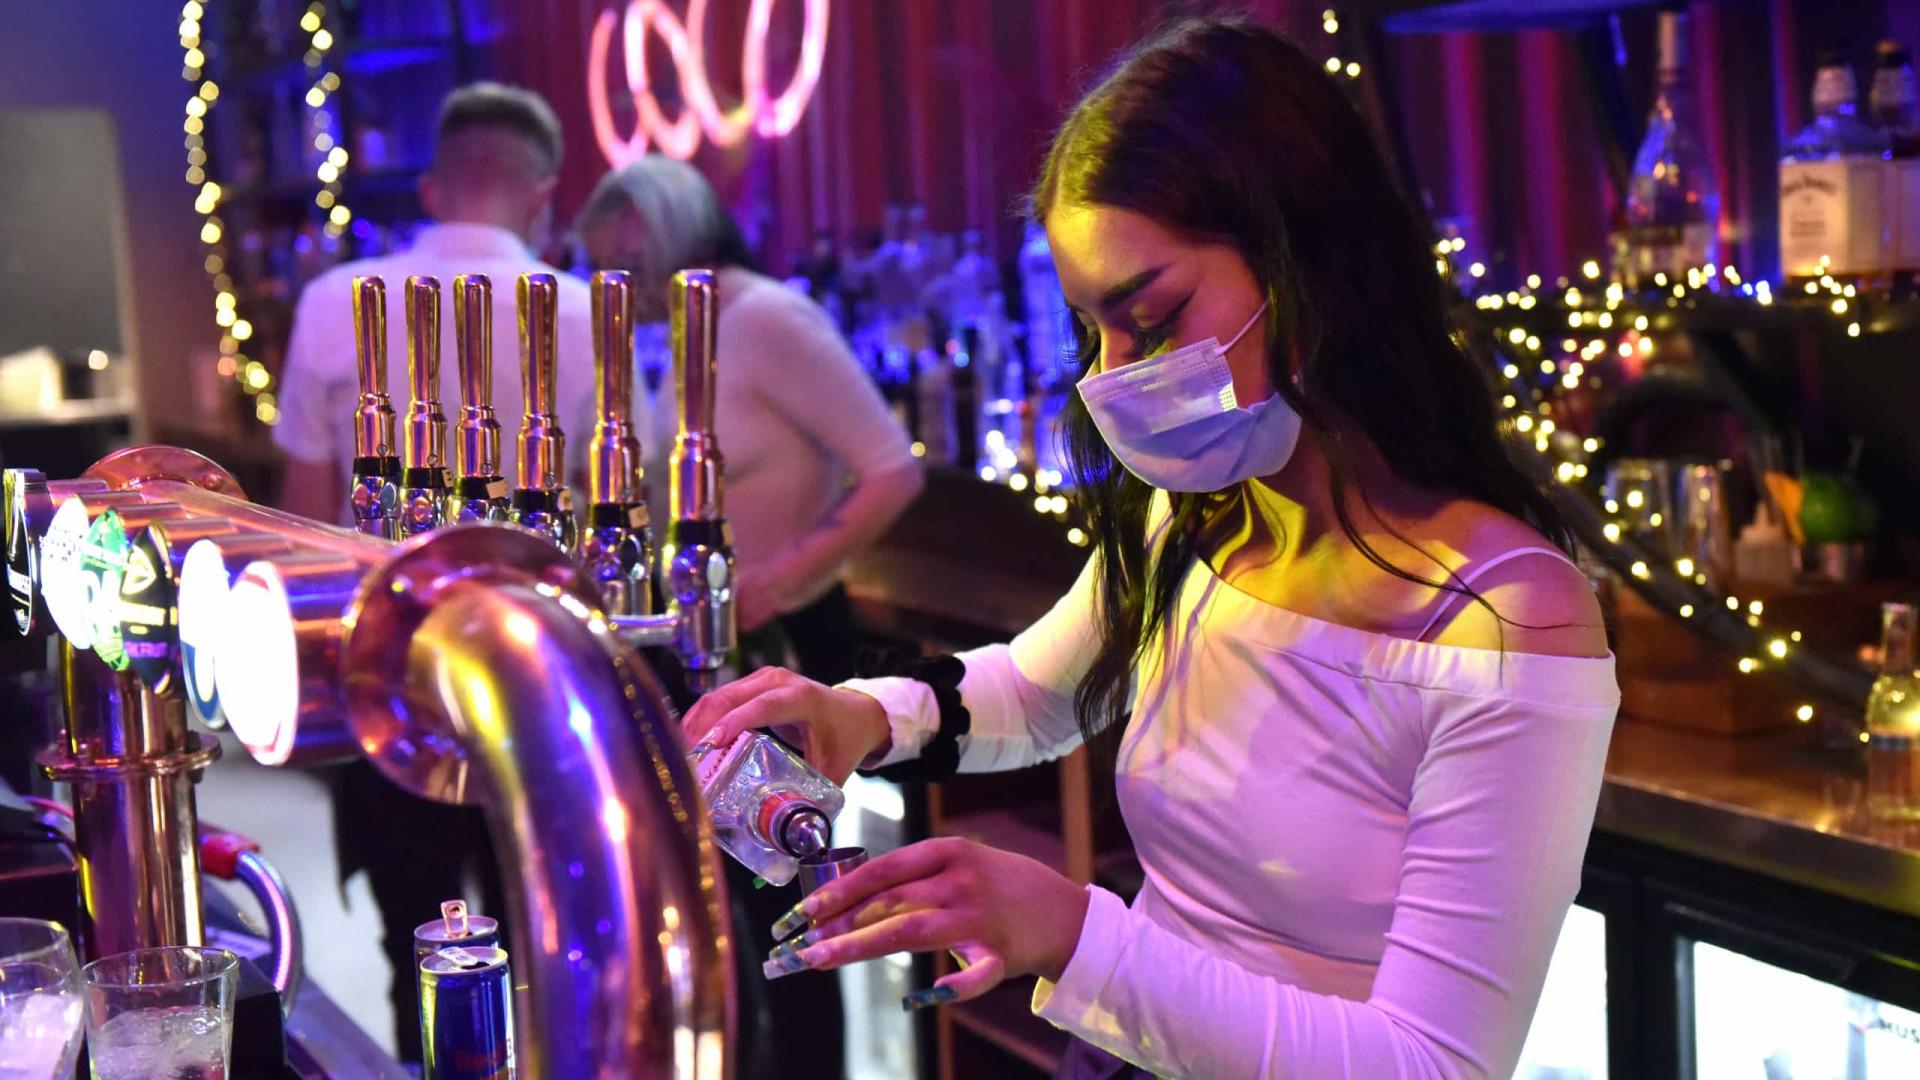 Covid-19: Discotecas podem reabrir no domingo com regras da restauração